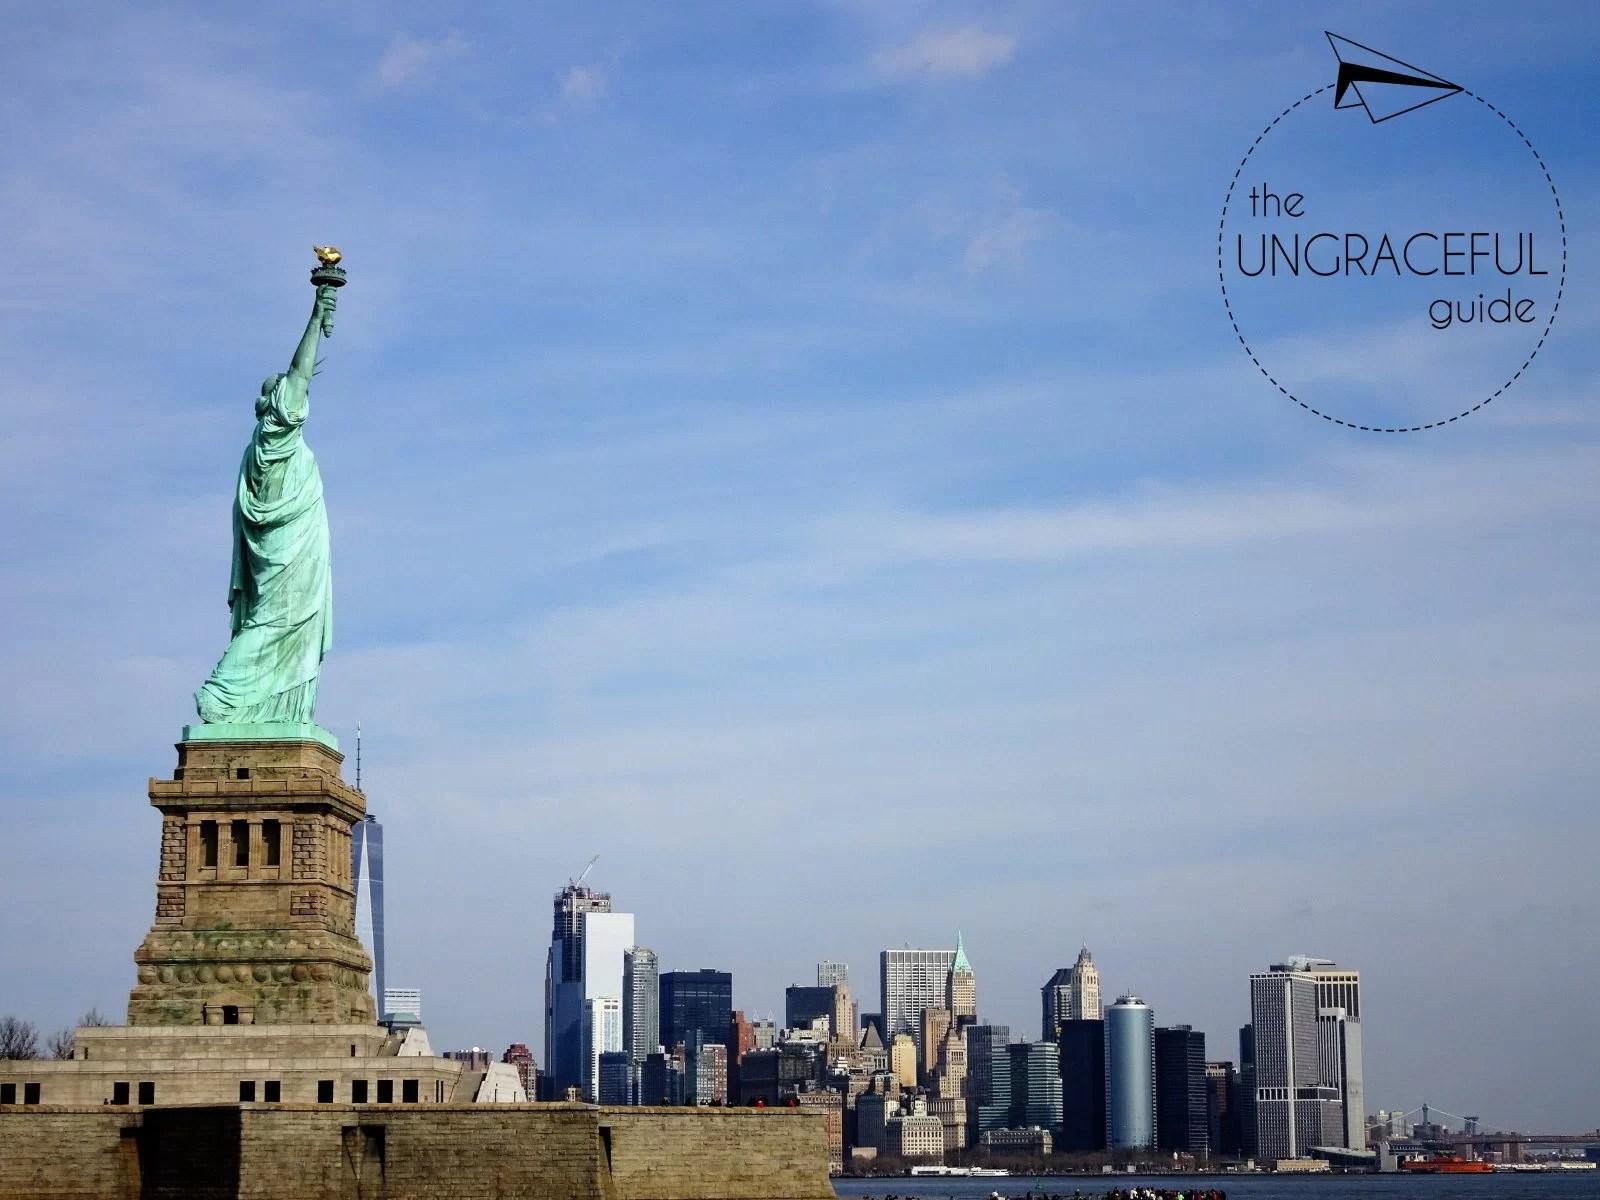 USA: New York, New York - The Concrete Jungle